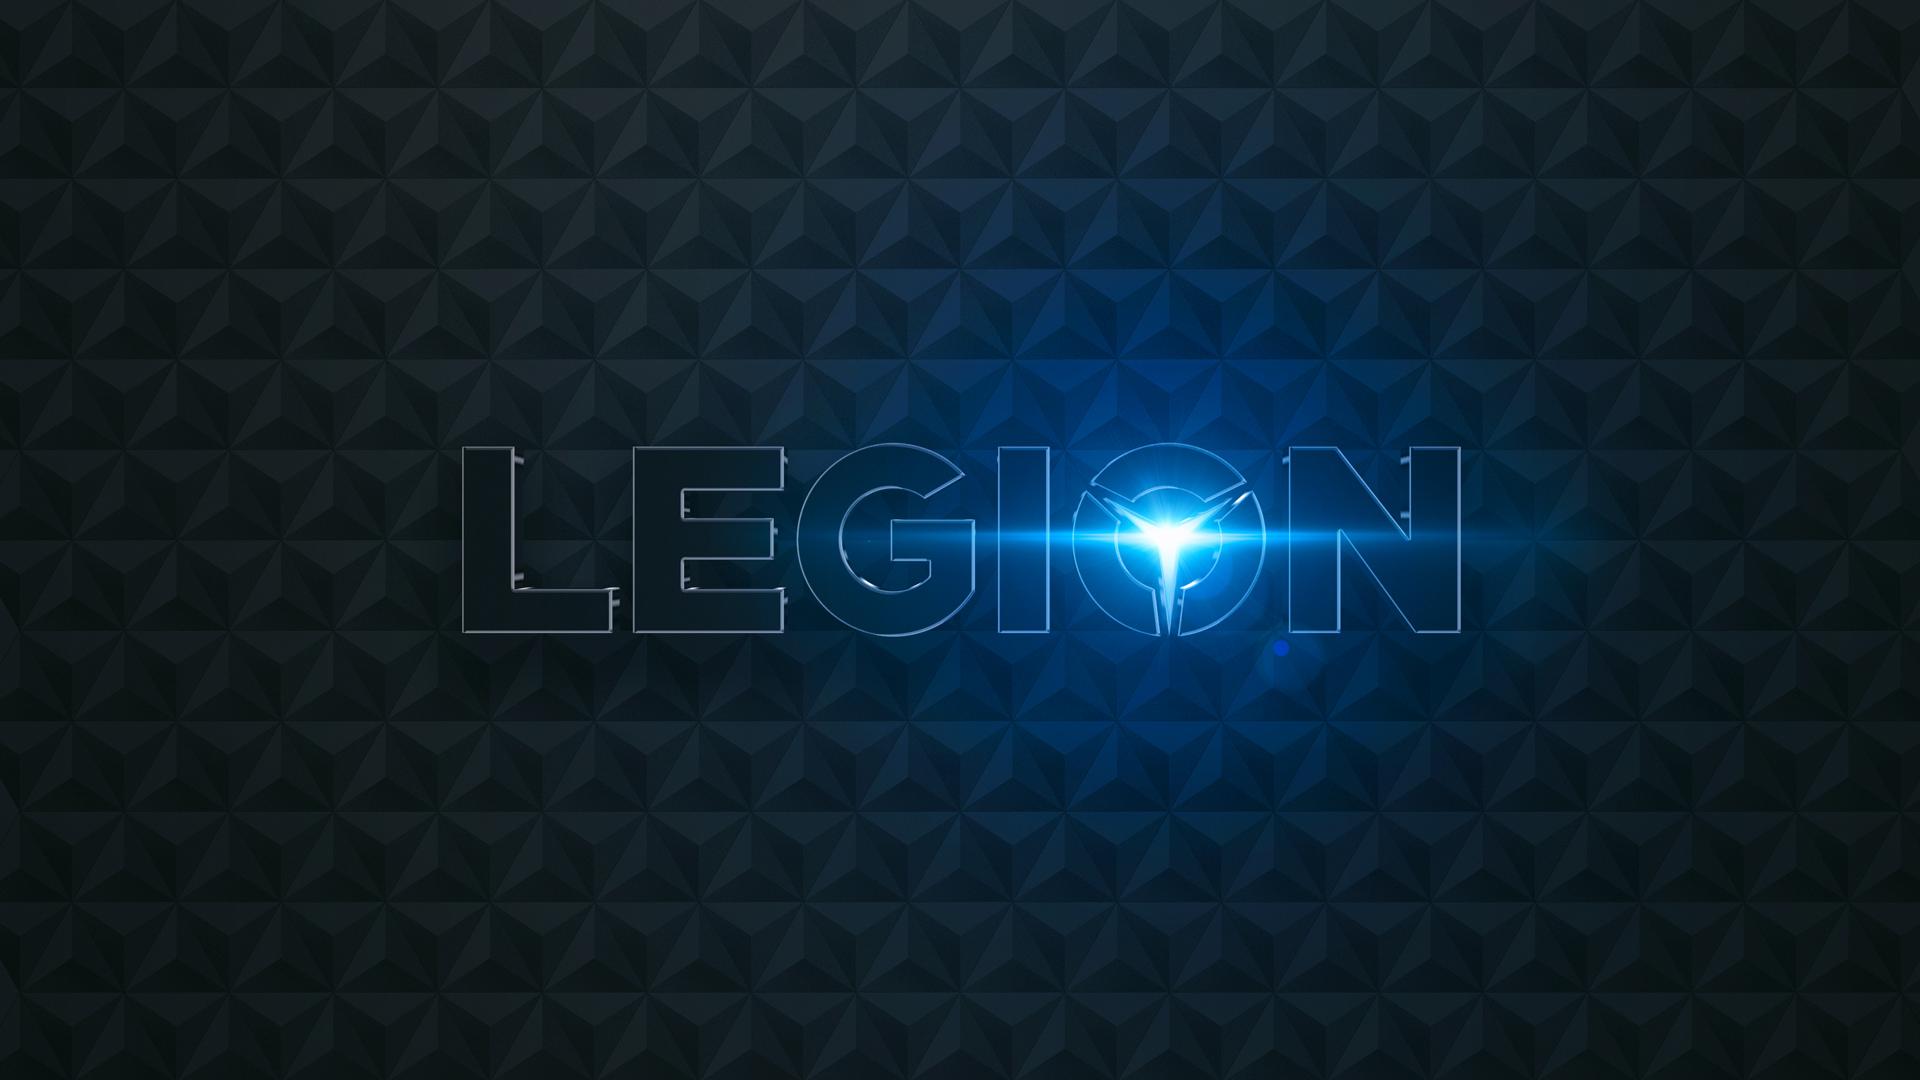 Legion 7 - najnowszy laptop gamingowy Lenovo | ISBtech.pl